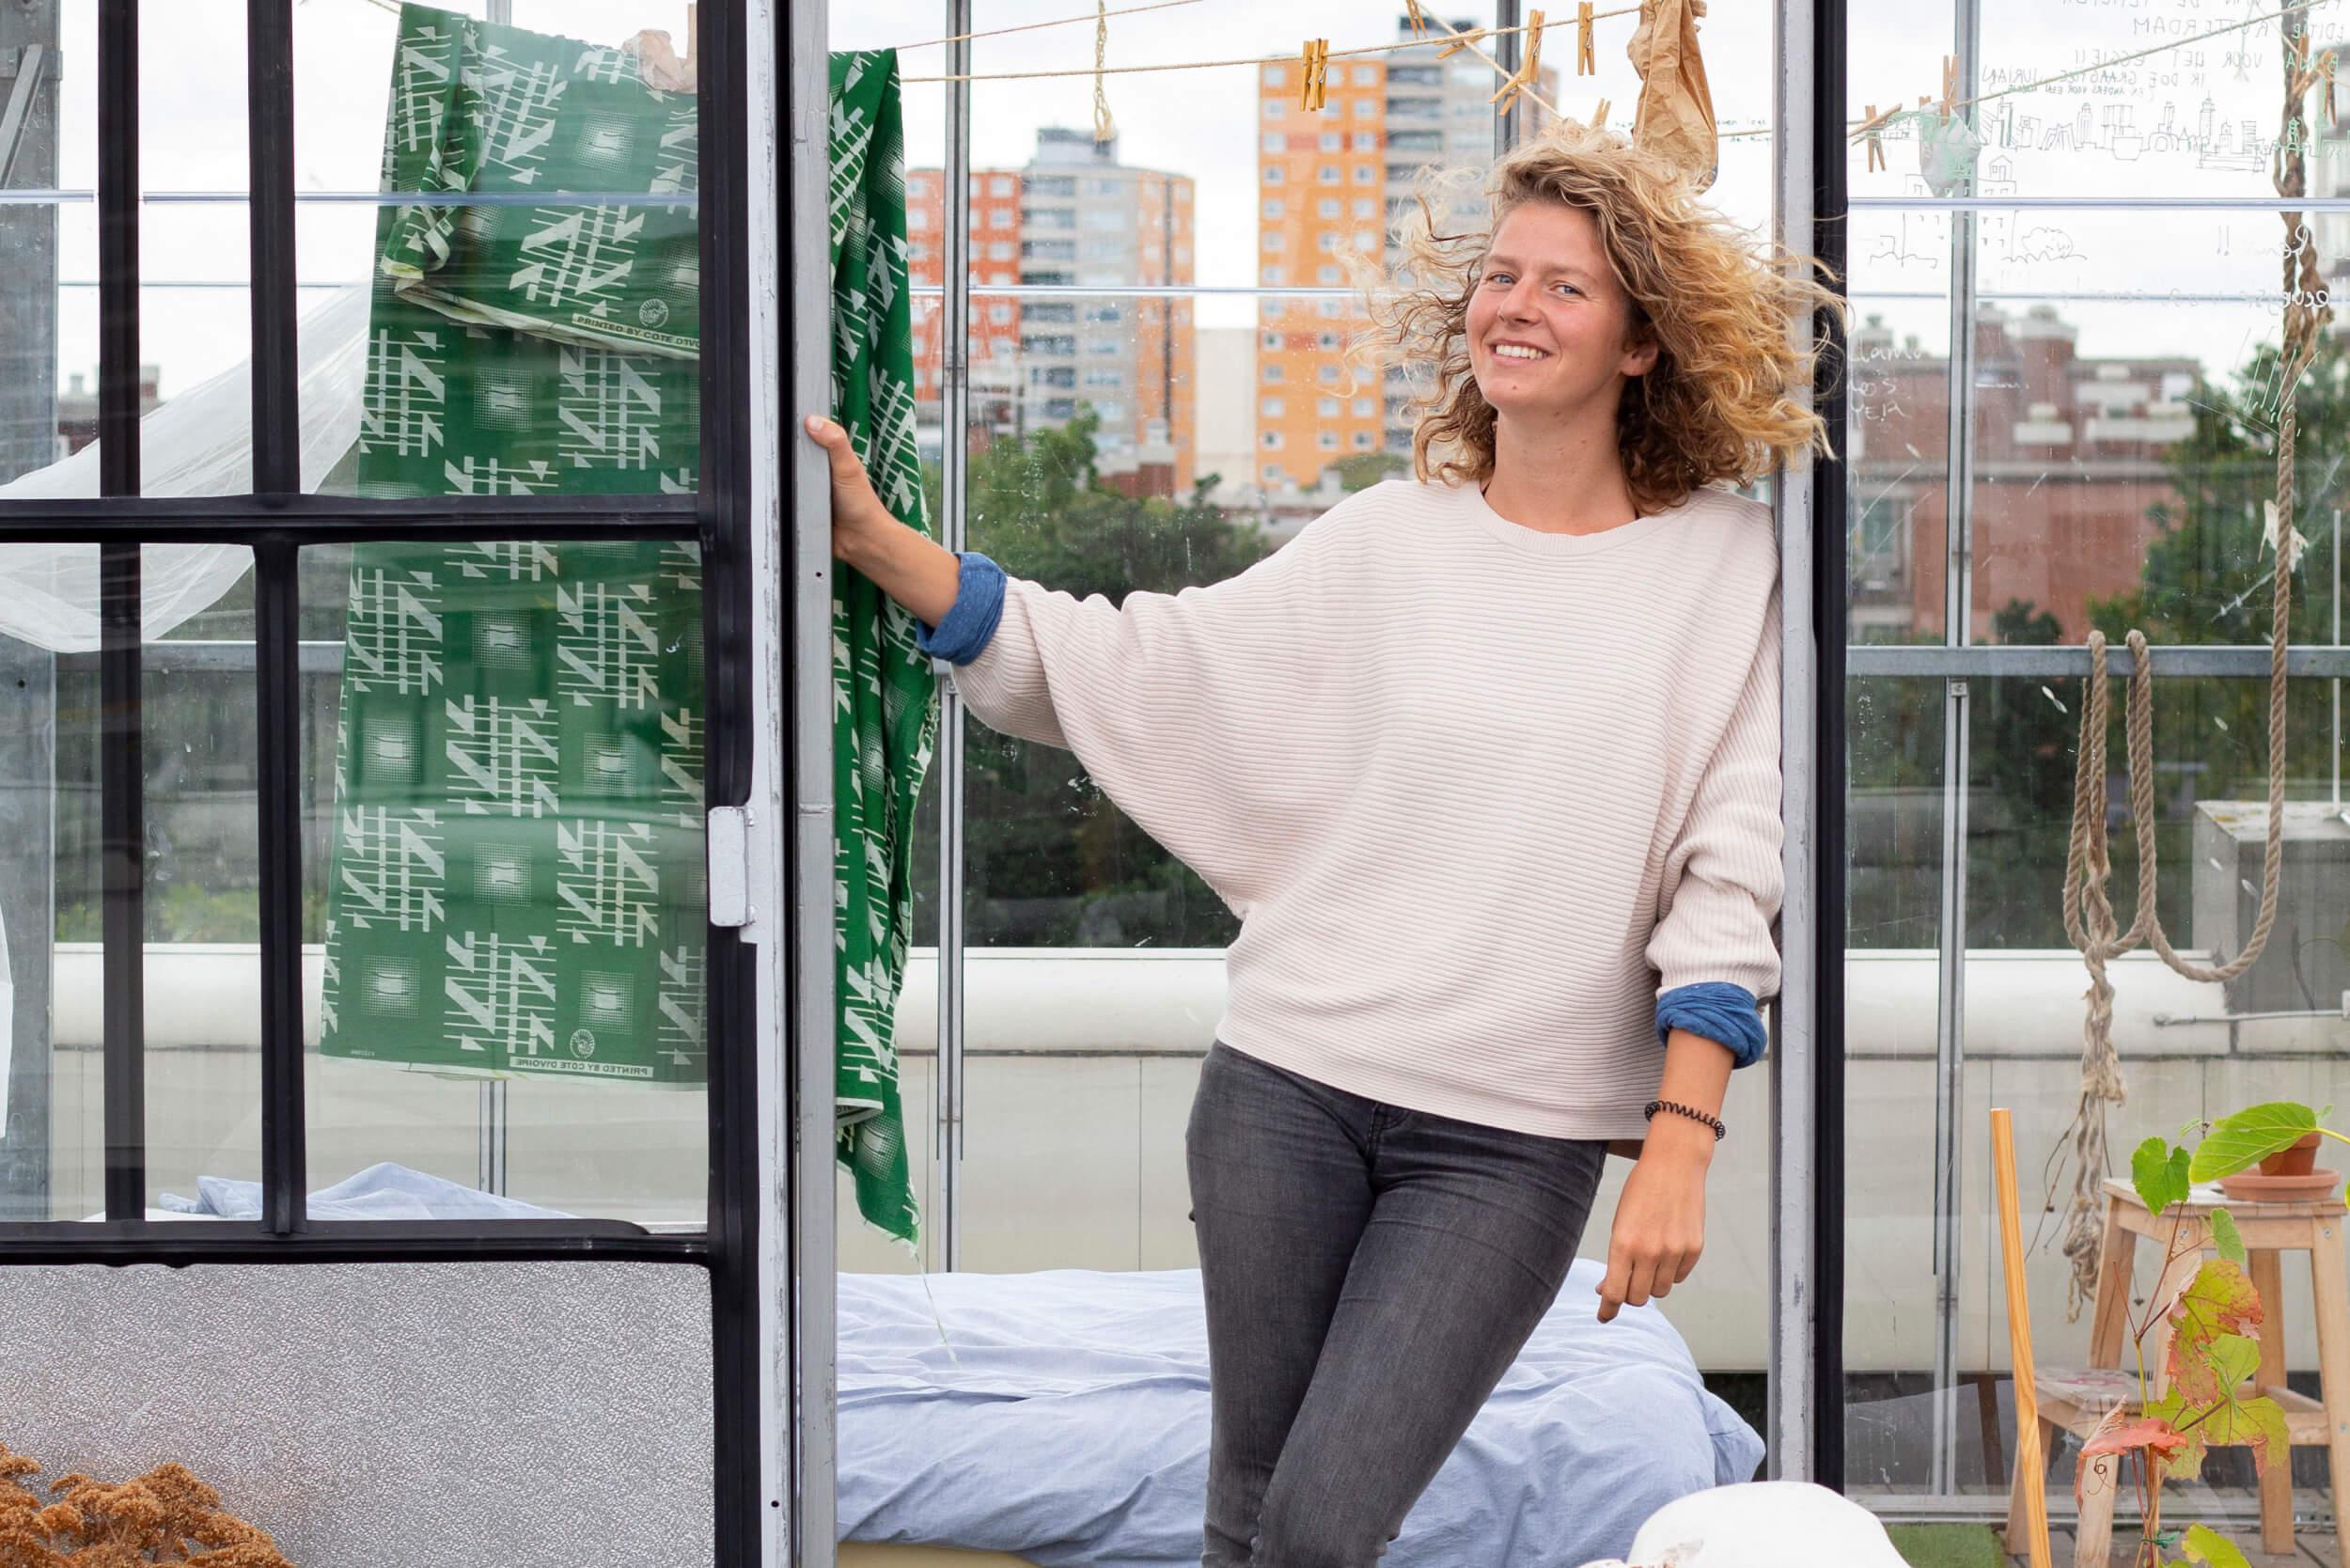 Q&A met Renée Miles: 'Kom binnen! Hier slaap en woon ik. Ik ervaar de stad hier op het dak van op een heel andere manier.'